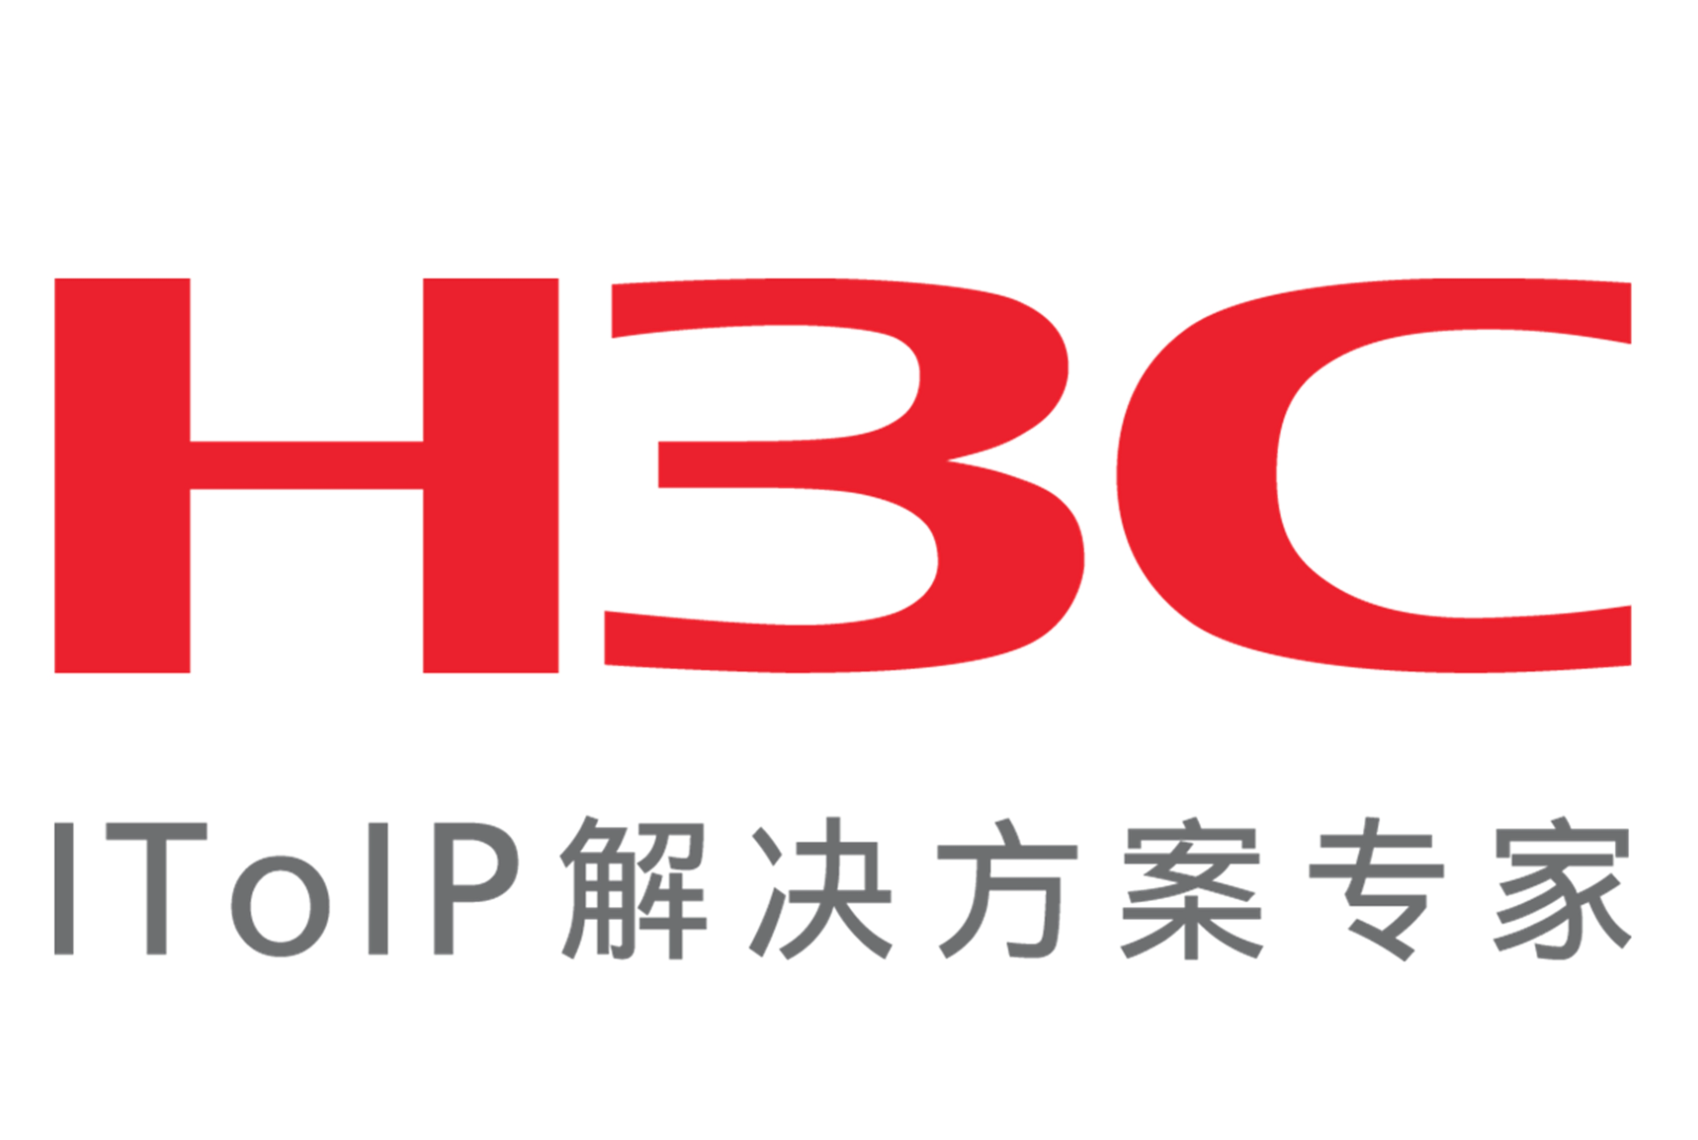 新华三集团成立,紫光股份控股 51%